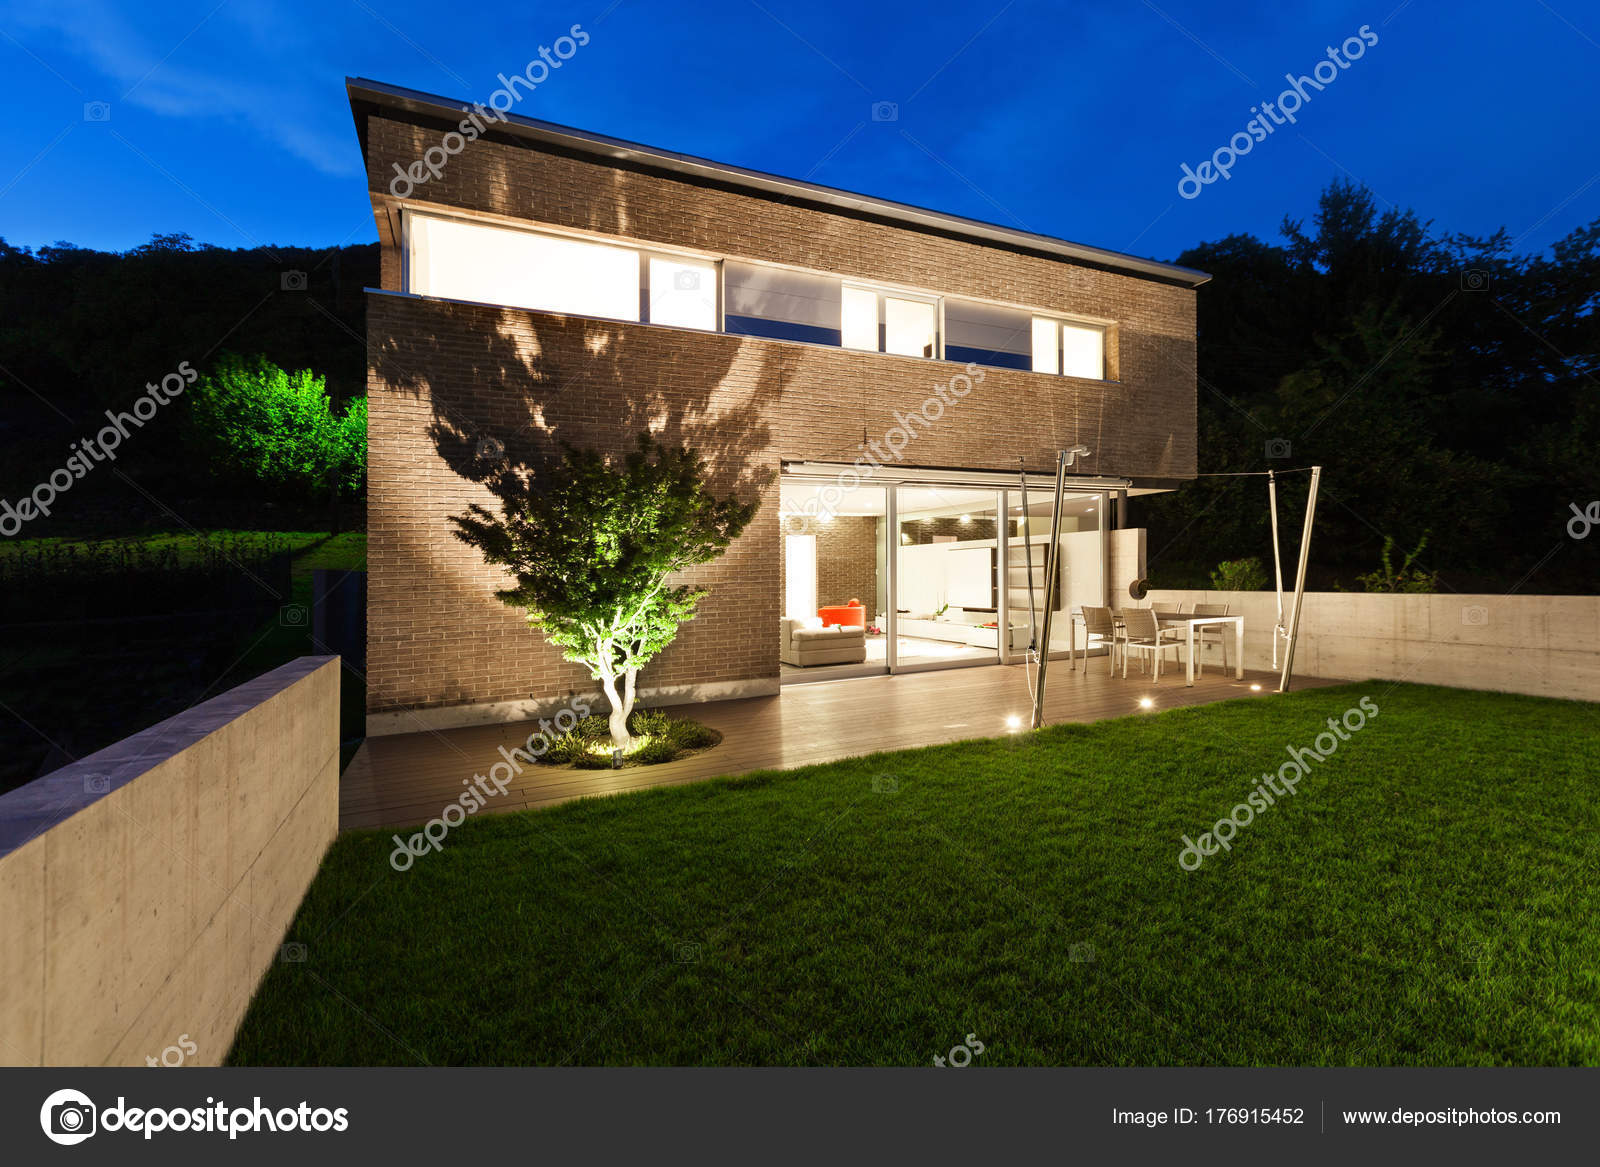 Architektur, modernes Design, Haus, im freien — Stockfoto © Zveiger ...